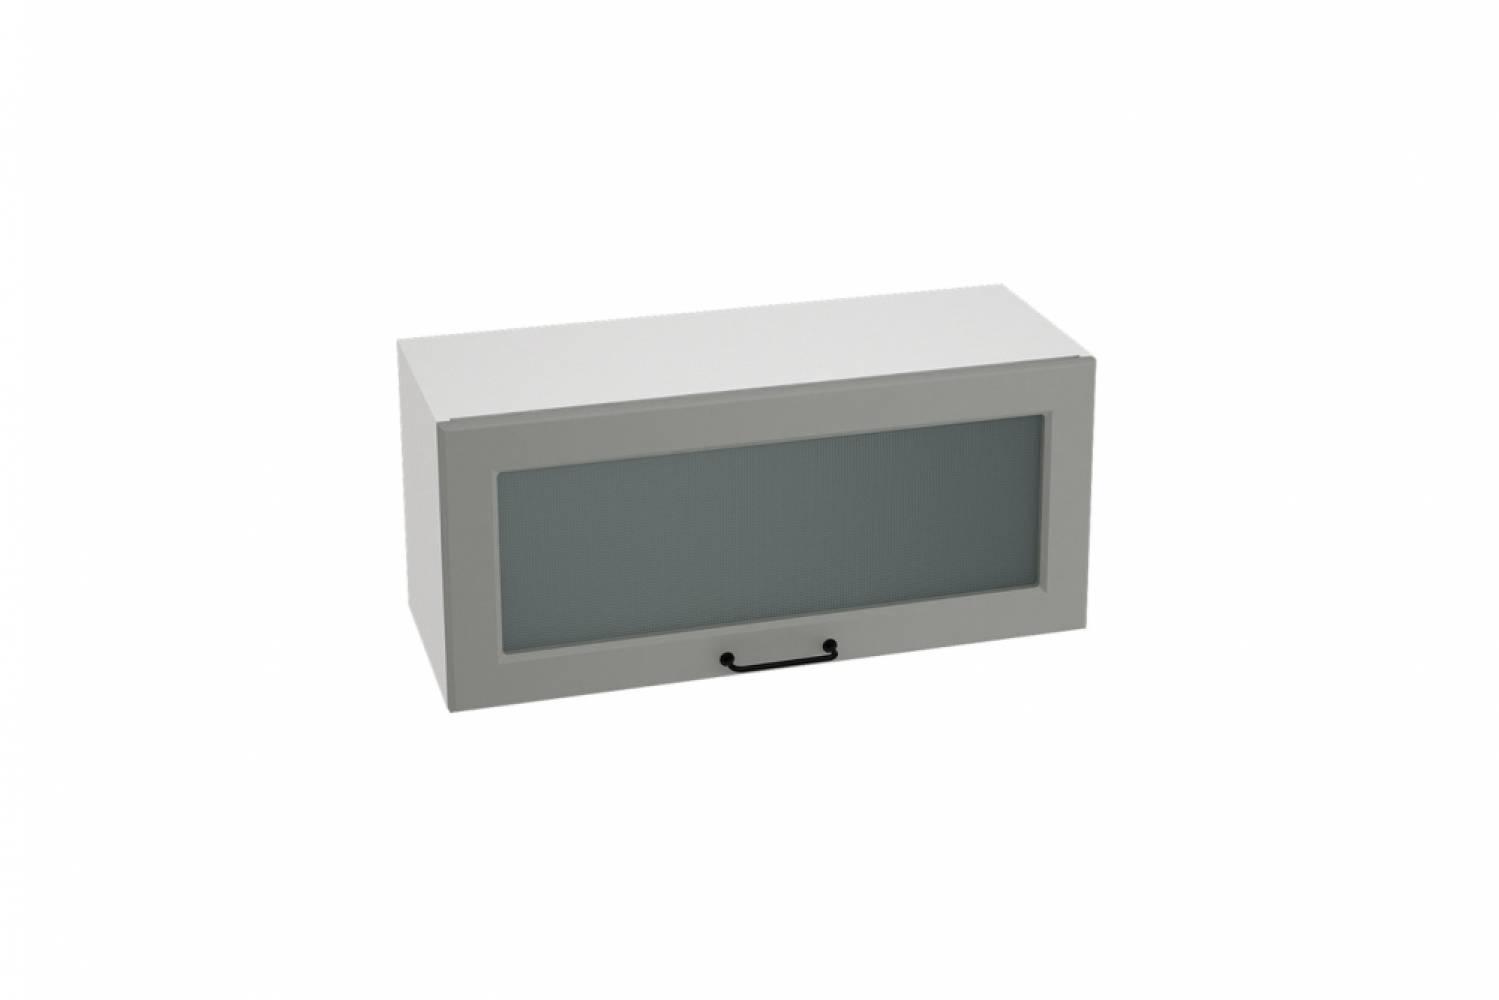 Шкаф верхний горизонтальный со стеклом ШВГС 800 НИЦЦА ROYAL (MAGNUM) 800 мм